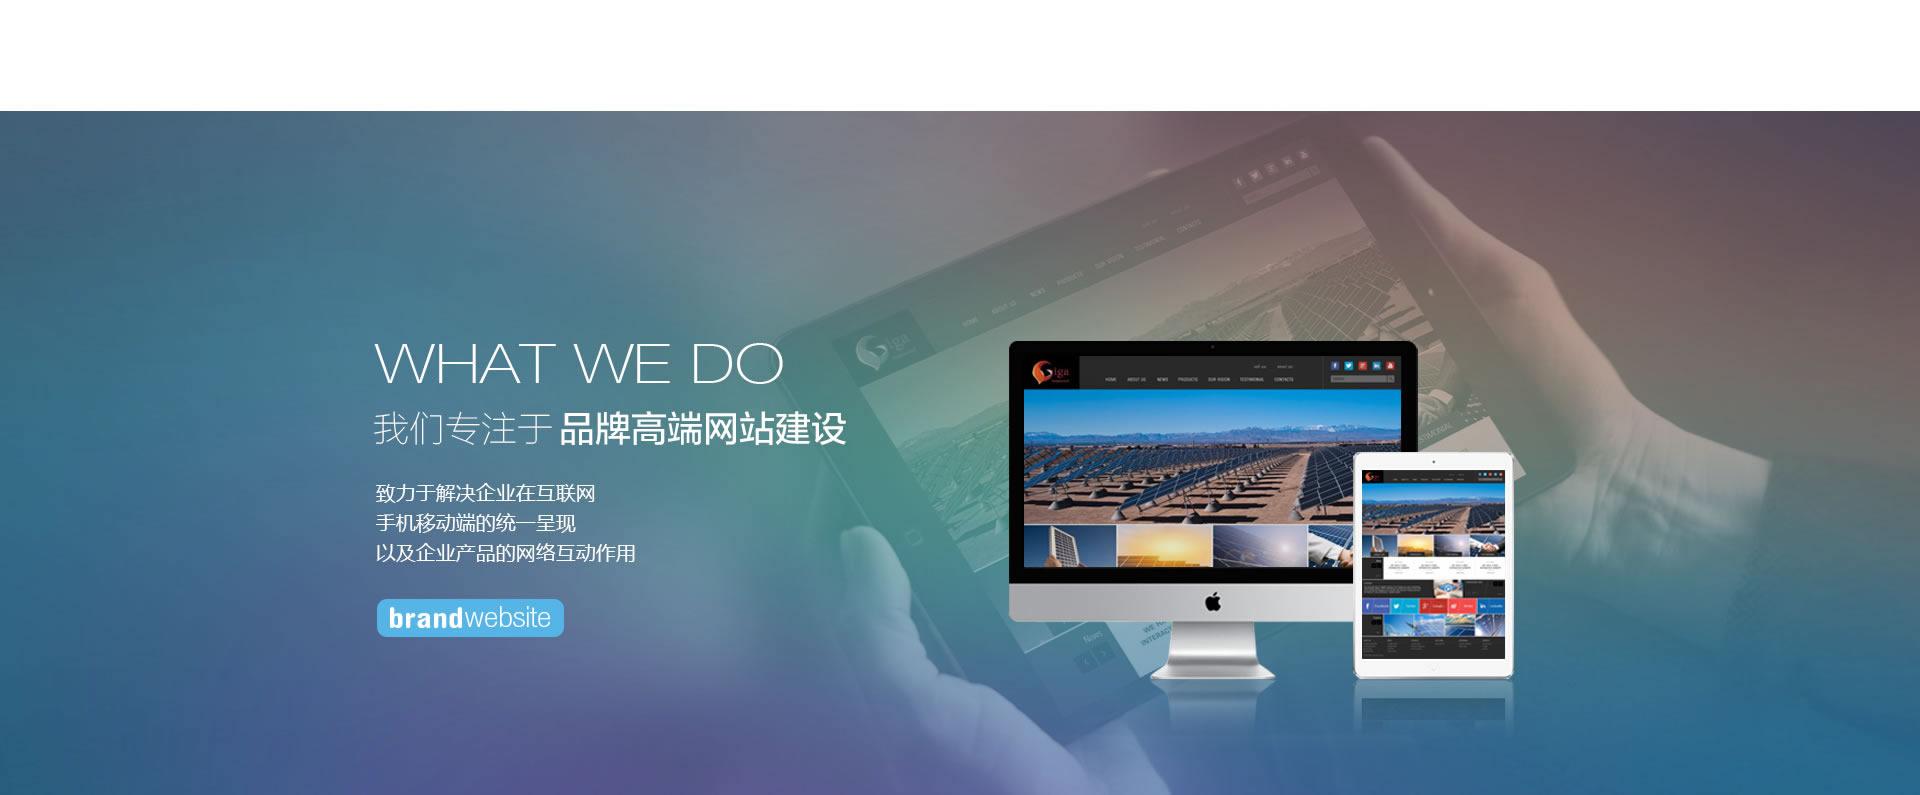 我们专注于品牌网站服务